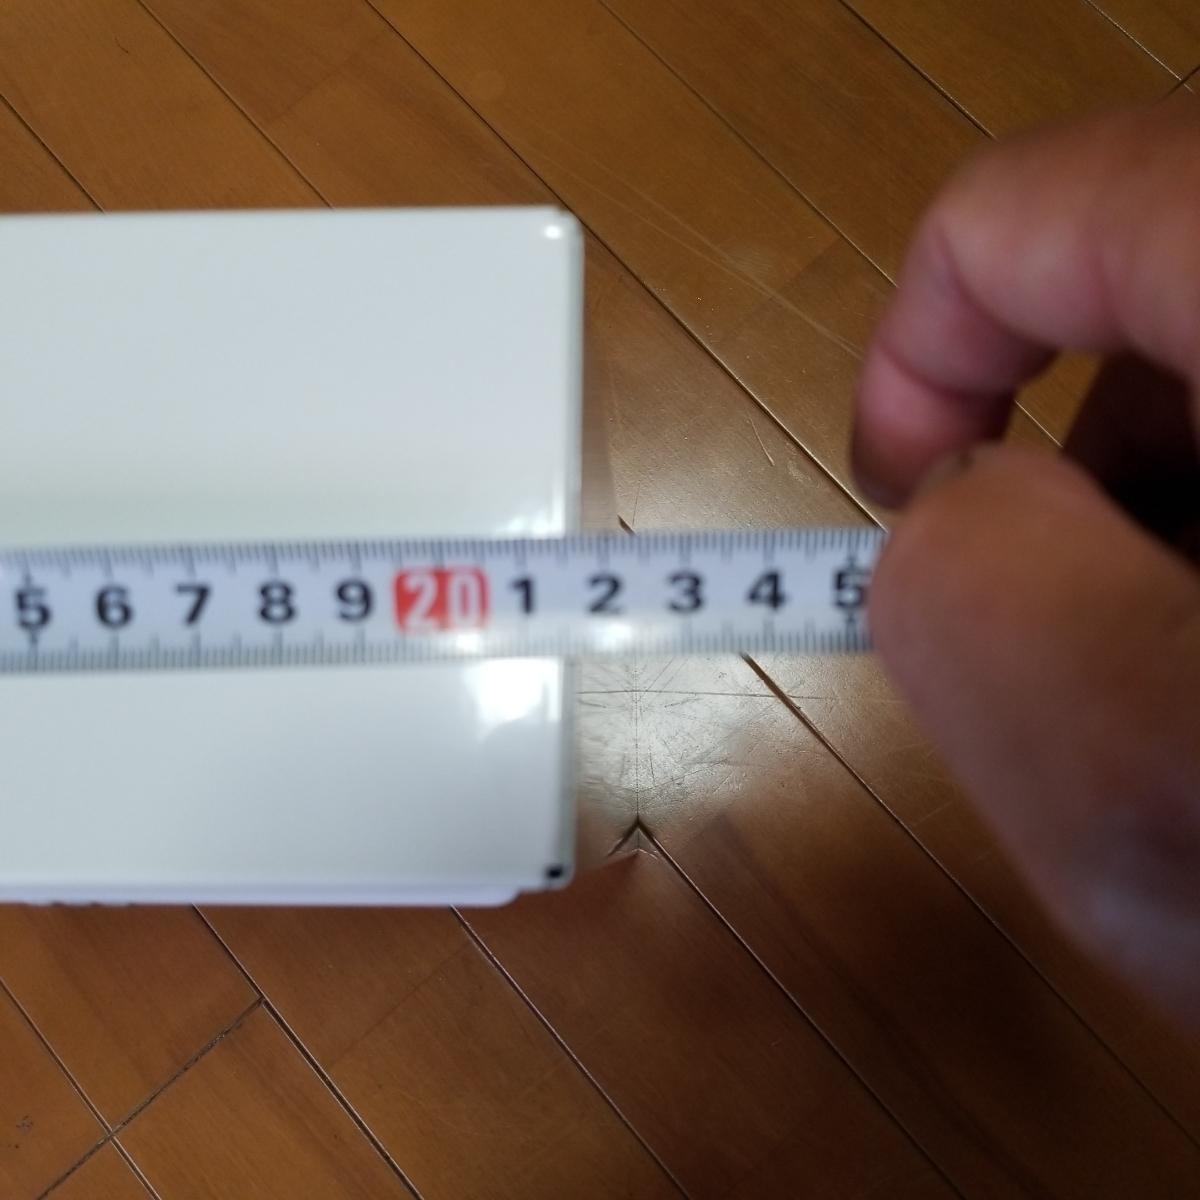 Jssmst メールboxポスト 郵便受け ダイヤル式 暗証番号 金属製 Mail-06 ホワイト_画像4